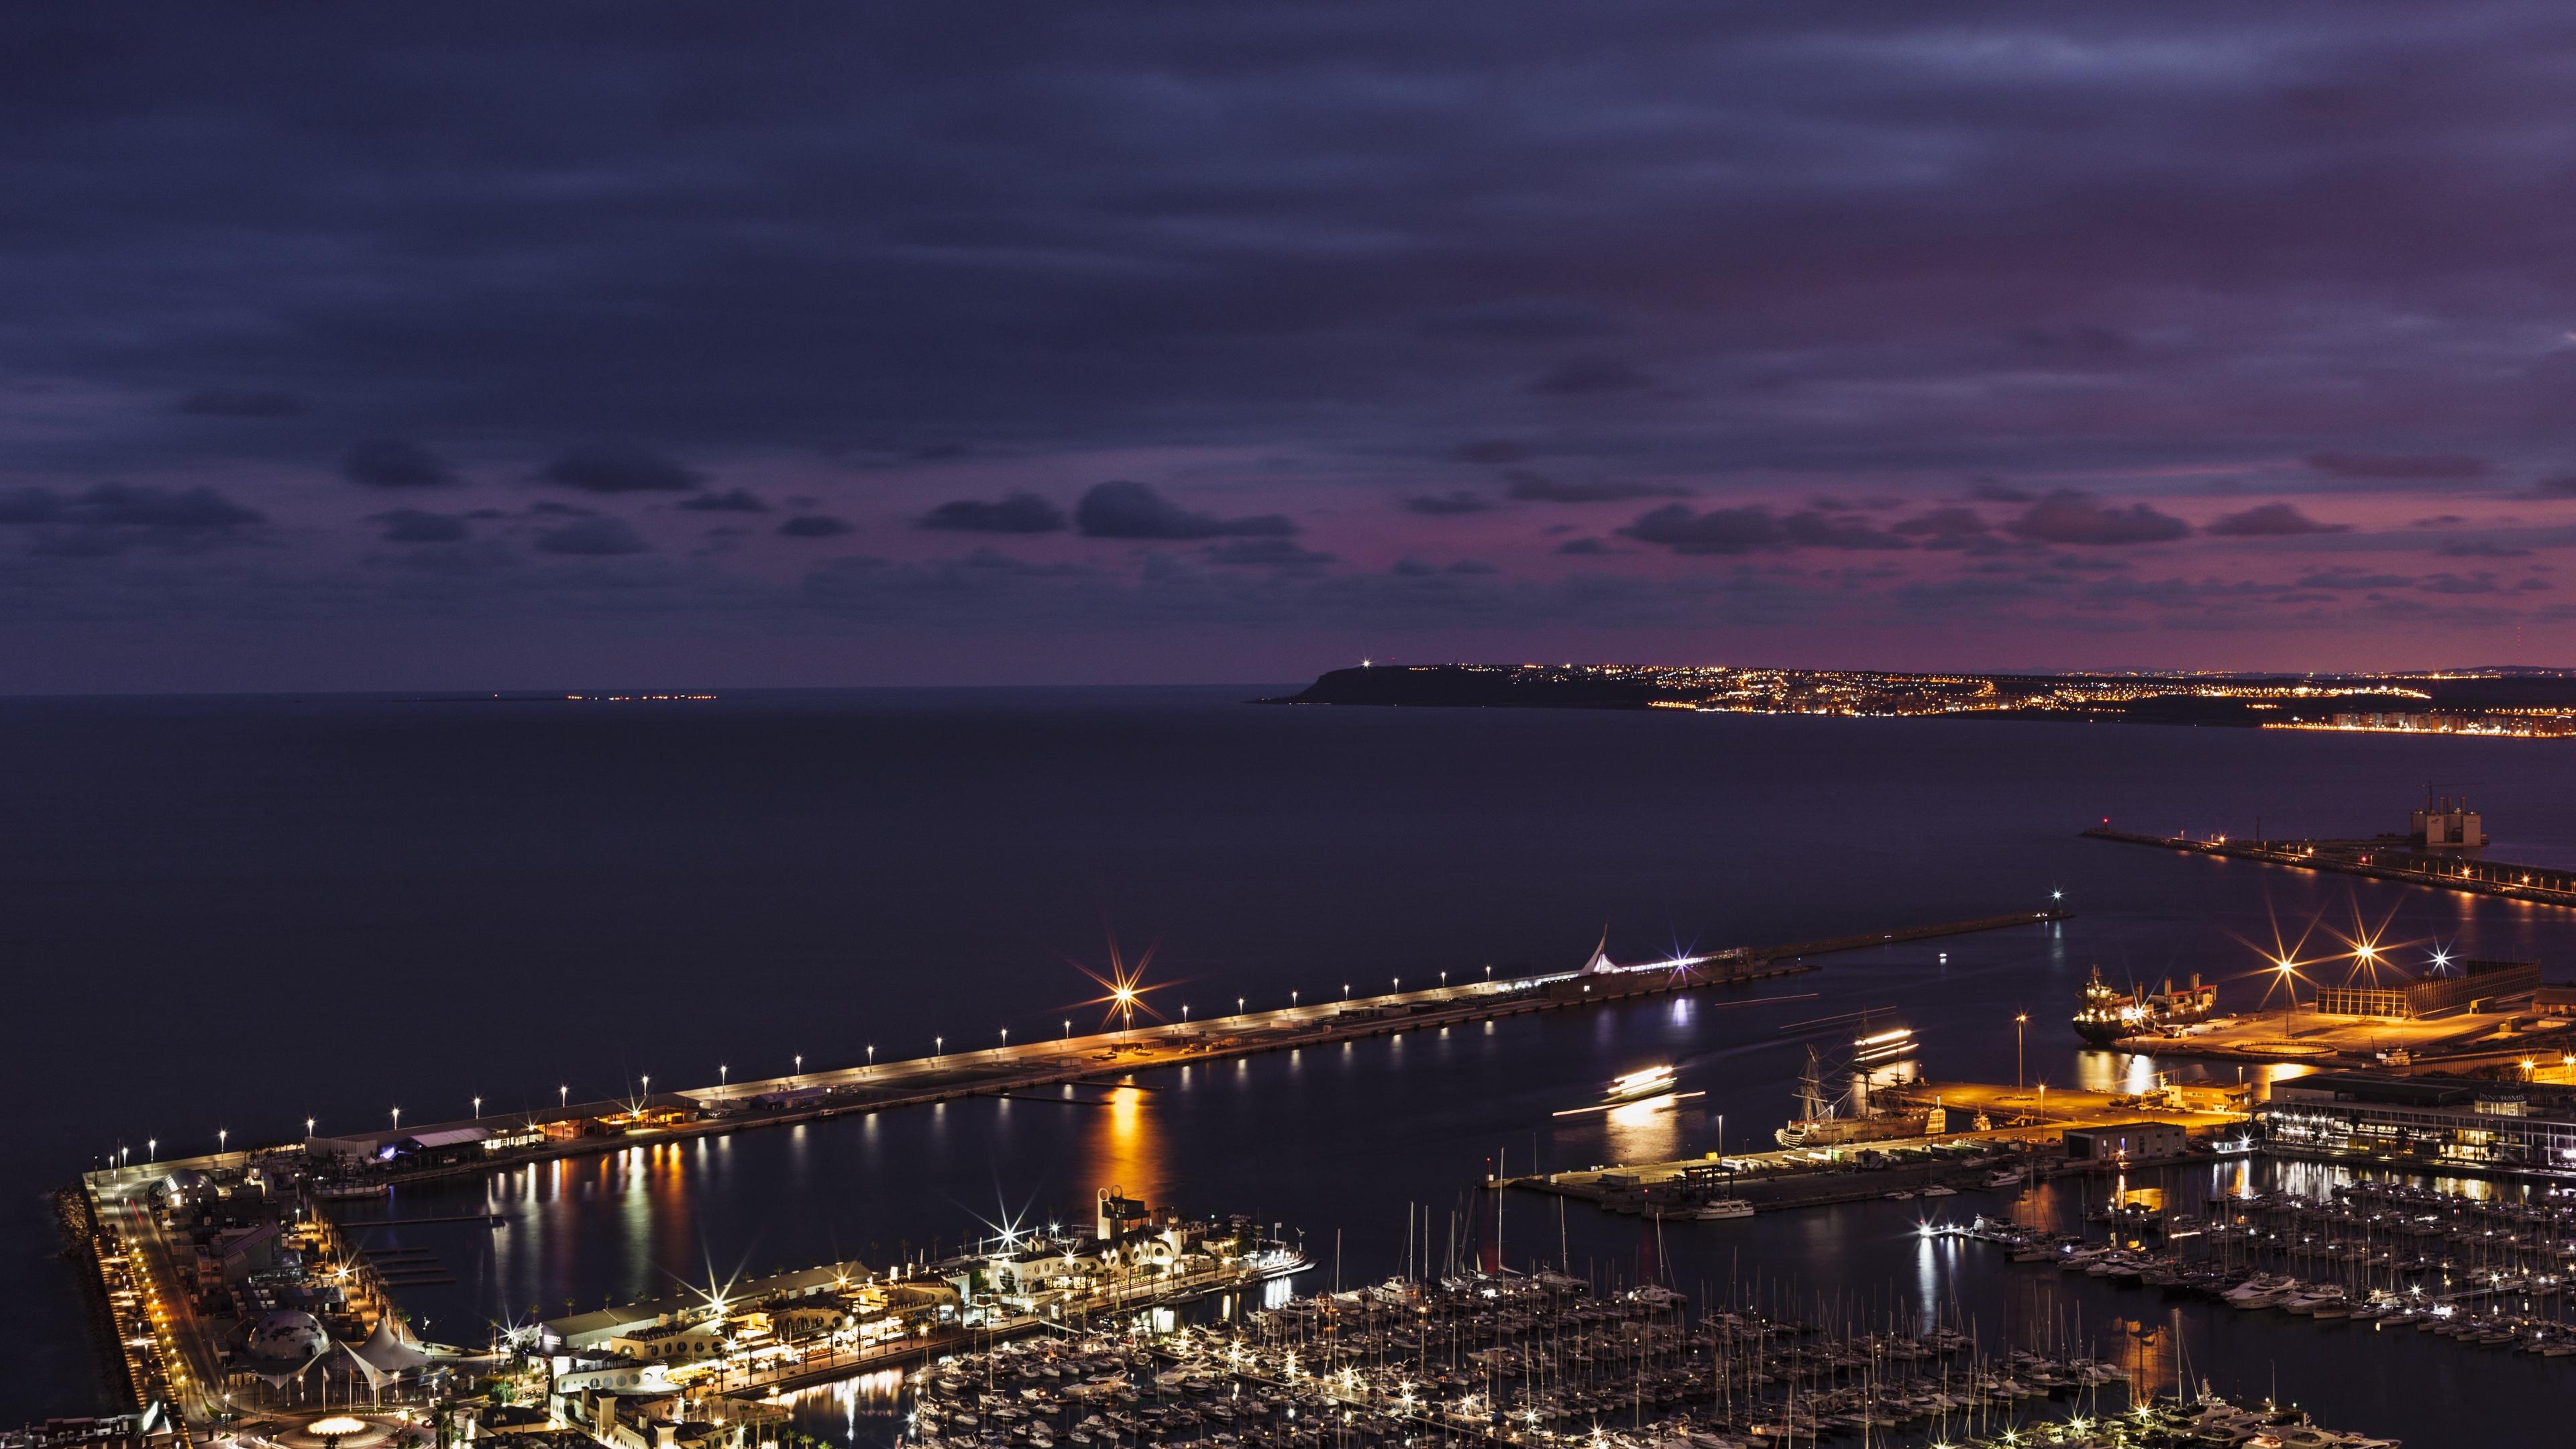 alicante spain sea night 4k 1538068106 - alicante, spain, sea, night 4k - Spain, Sea, alicante